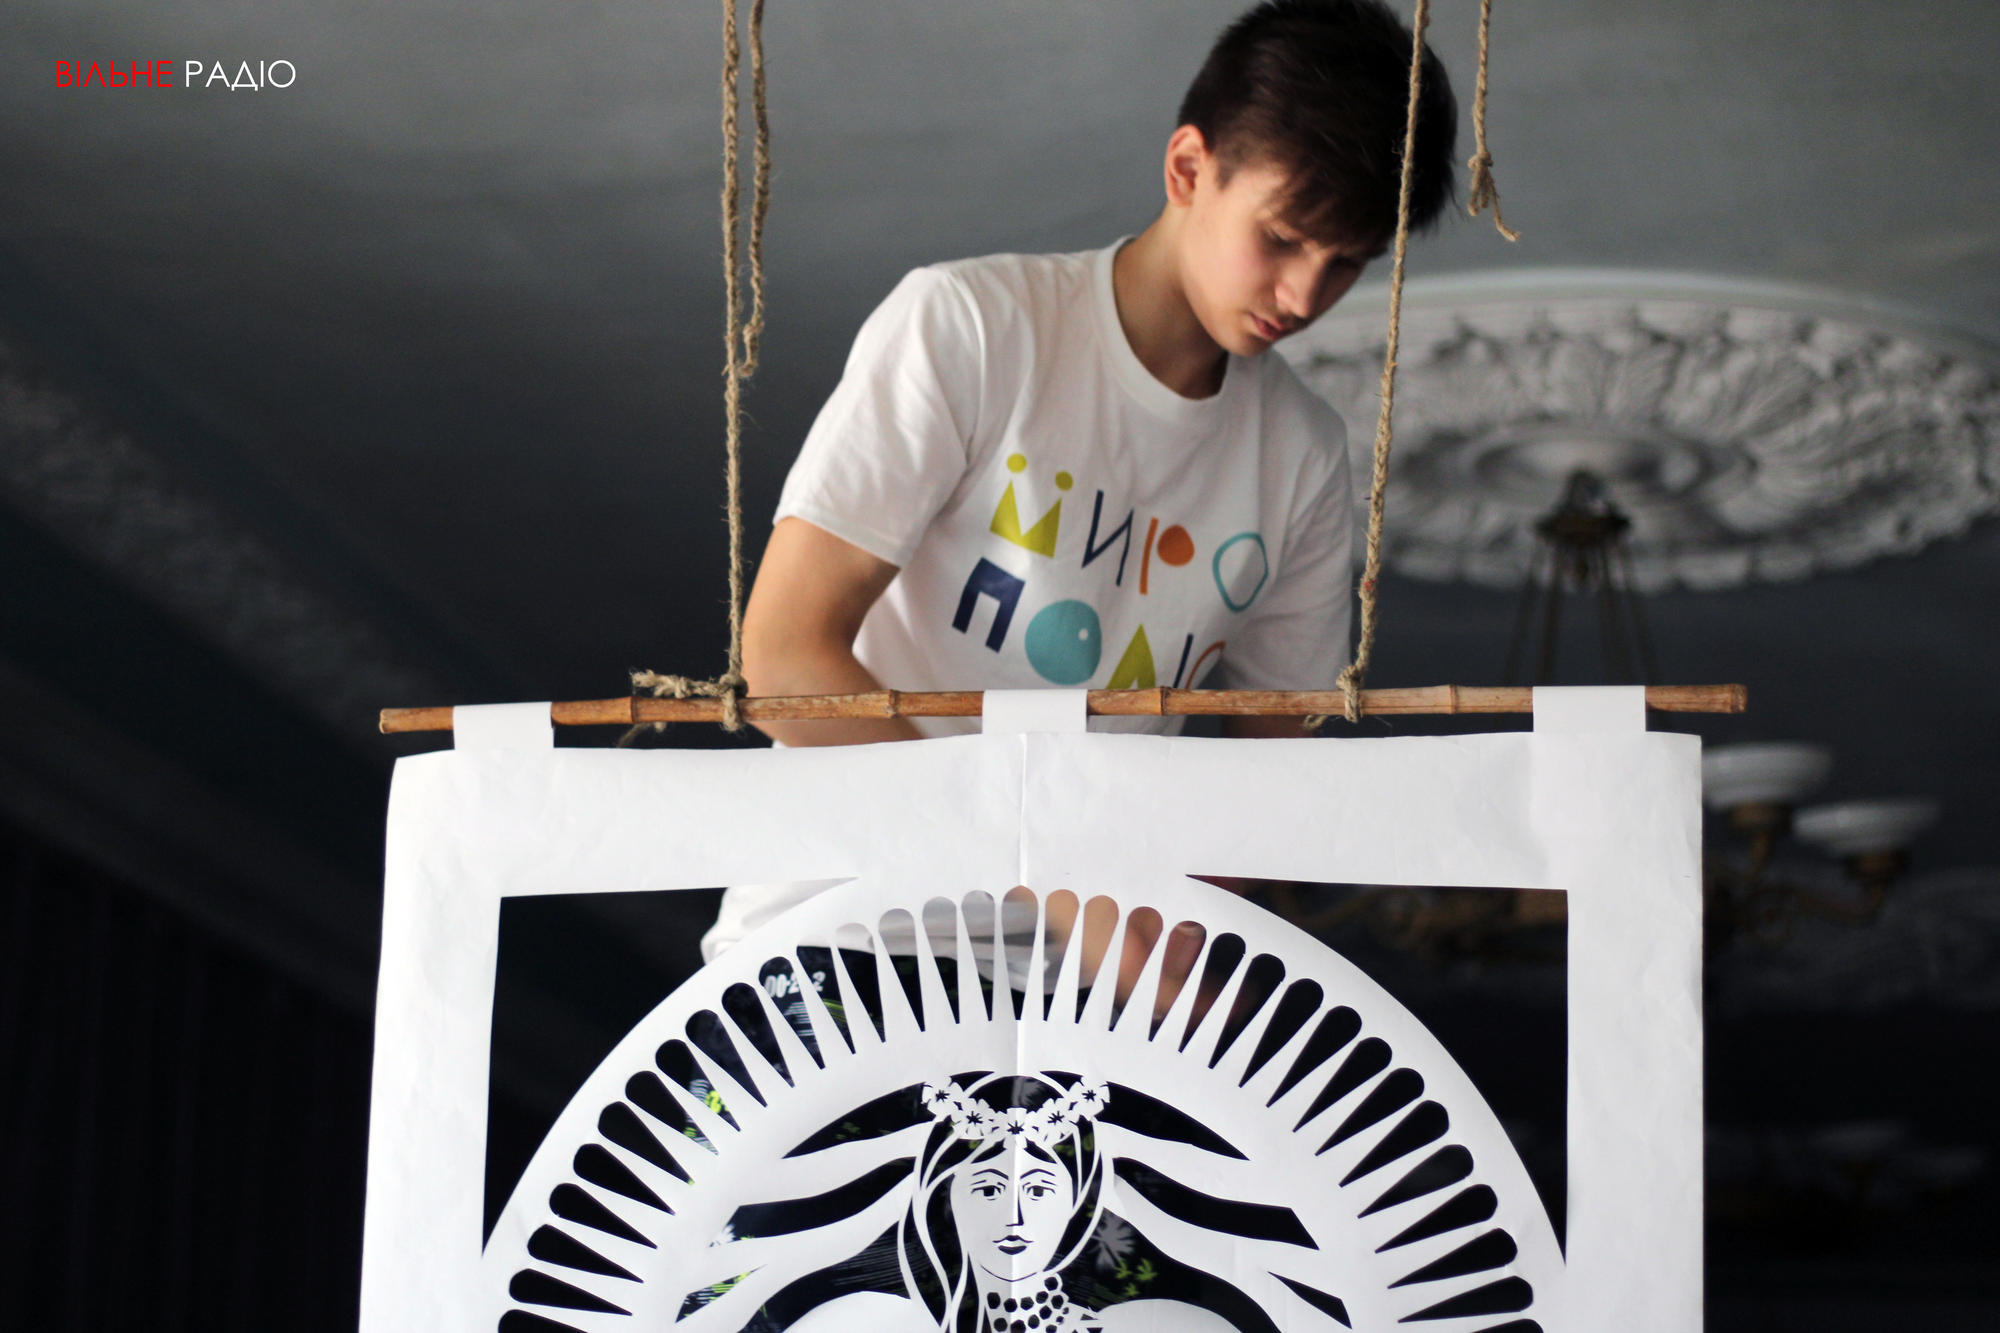 Двоє хлопців з Часів Яра вирізали триметрову витинанку до 30-річчя Незалежності України